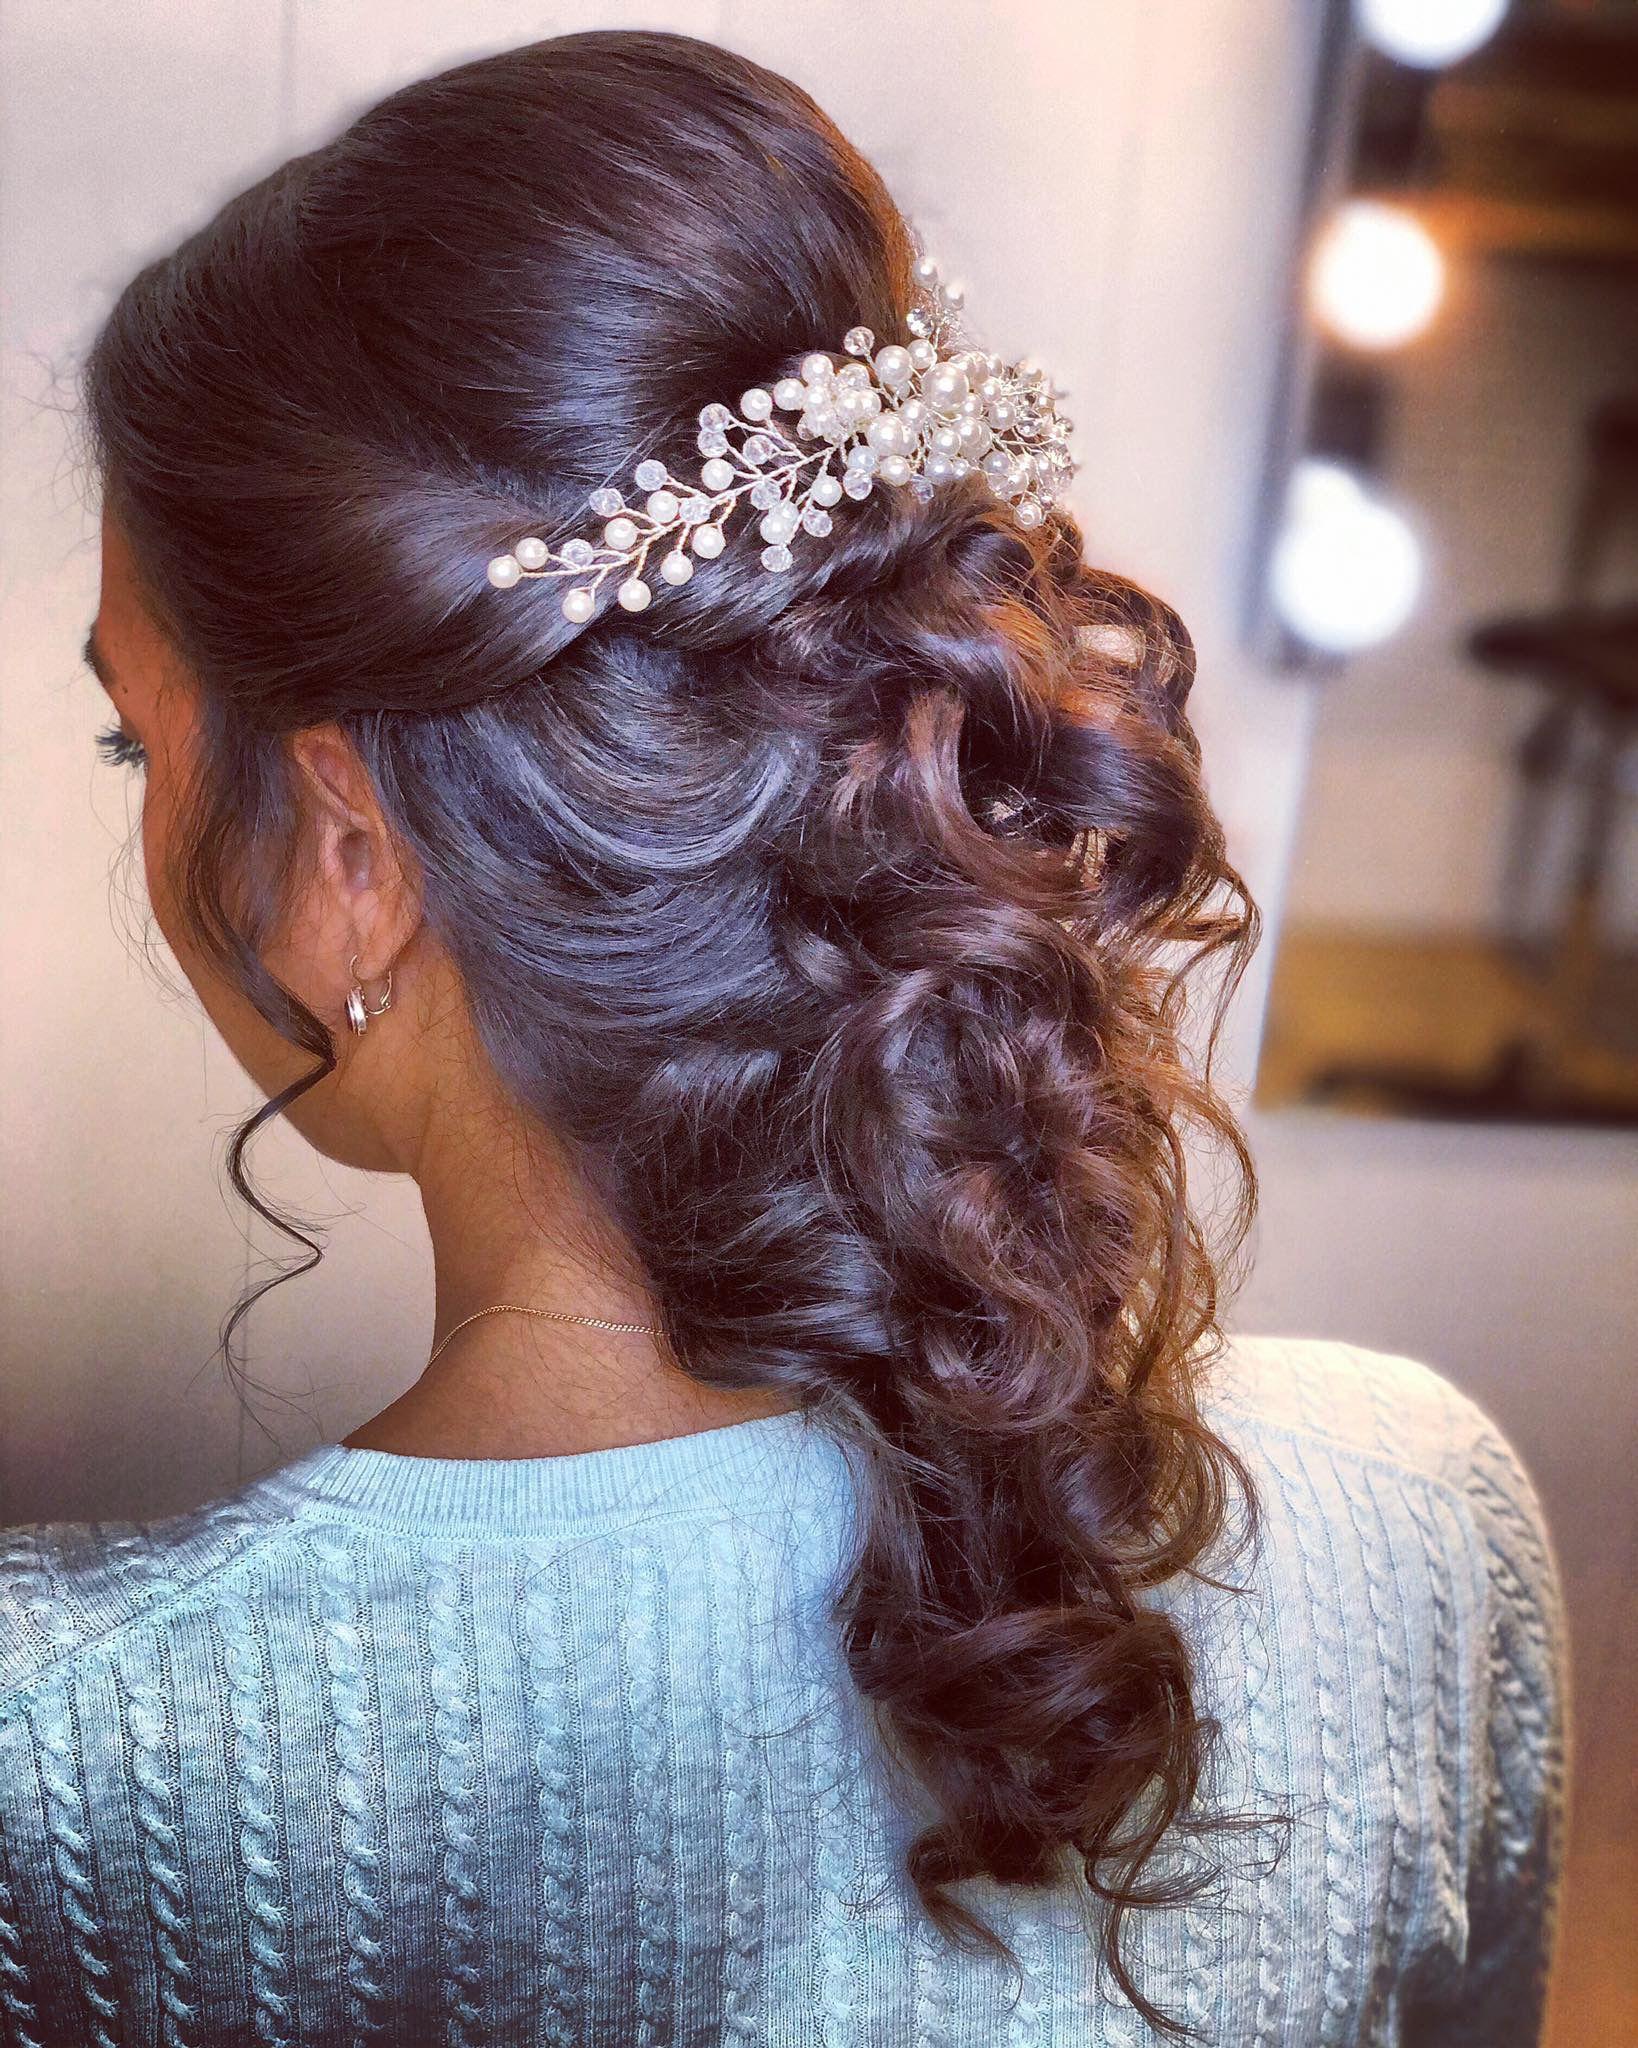 Mermaid Bruidskapsel Bruidskapsel Bruid Haar